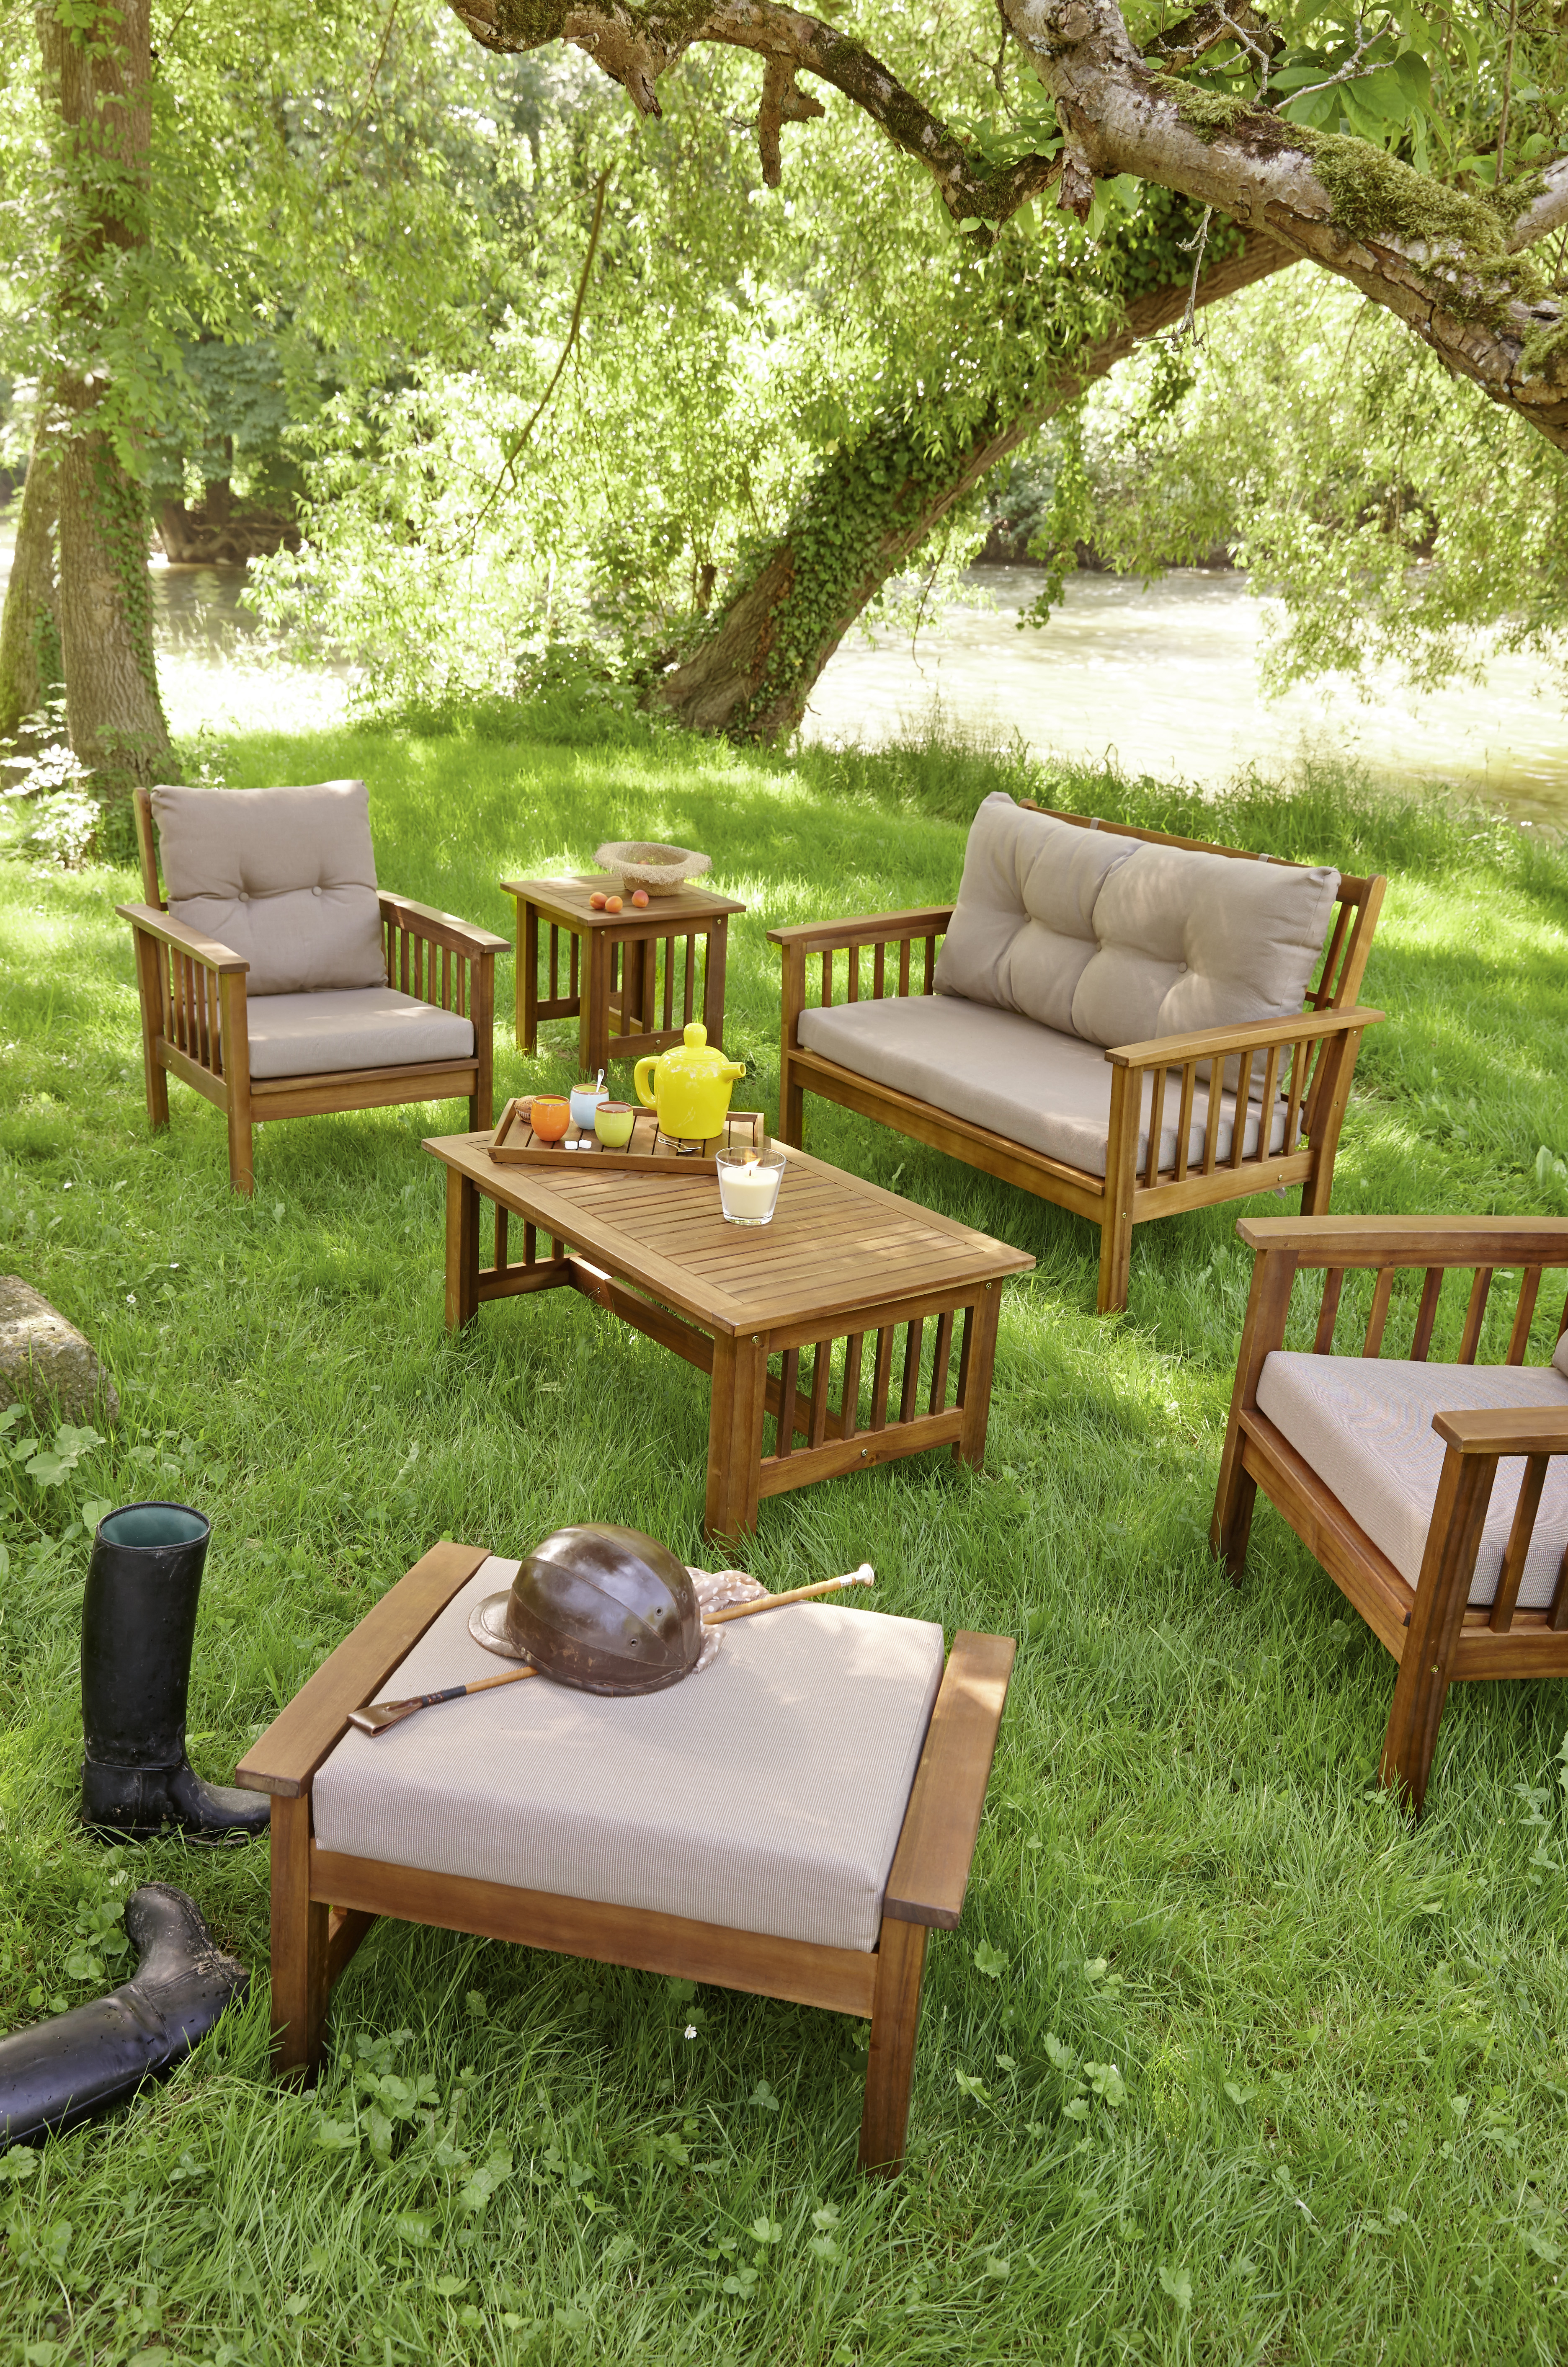 Salon De Jardin Intermarché Élégant Galerie Impressionnant De Table De Jardin Tressé Concept Idées De Design D